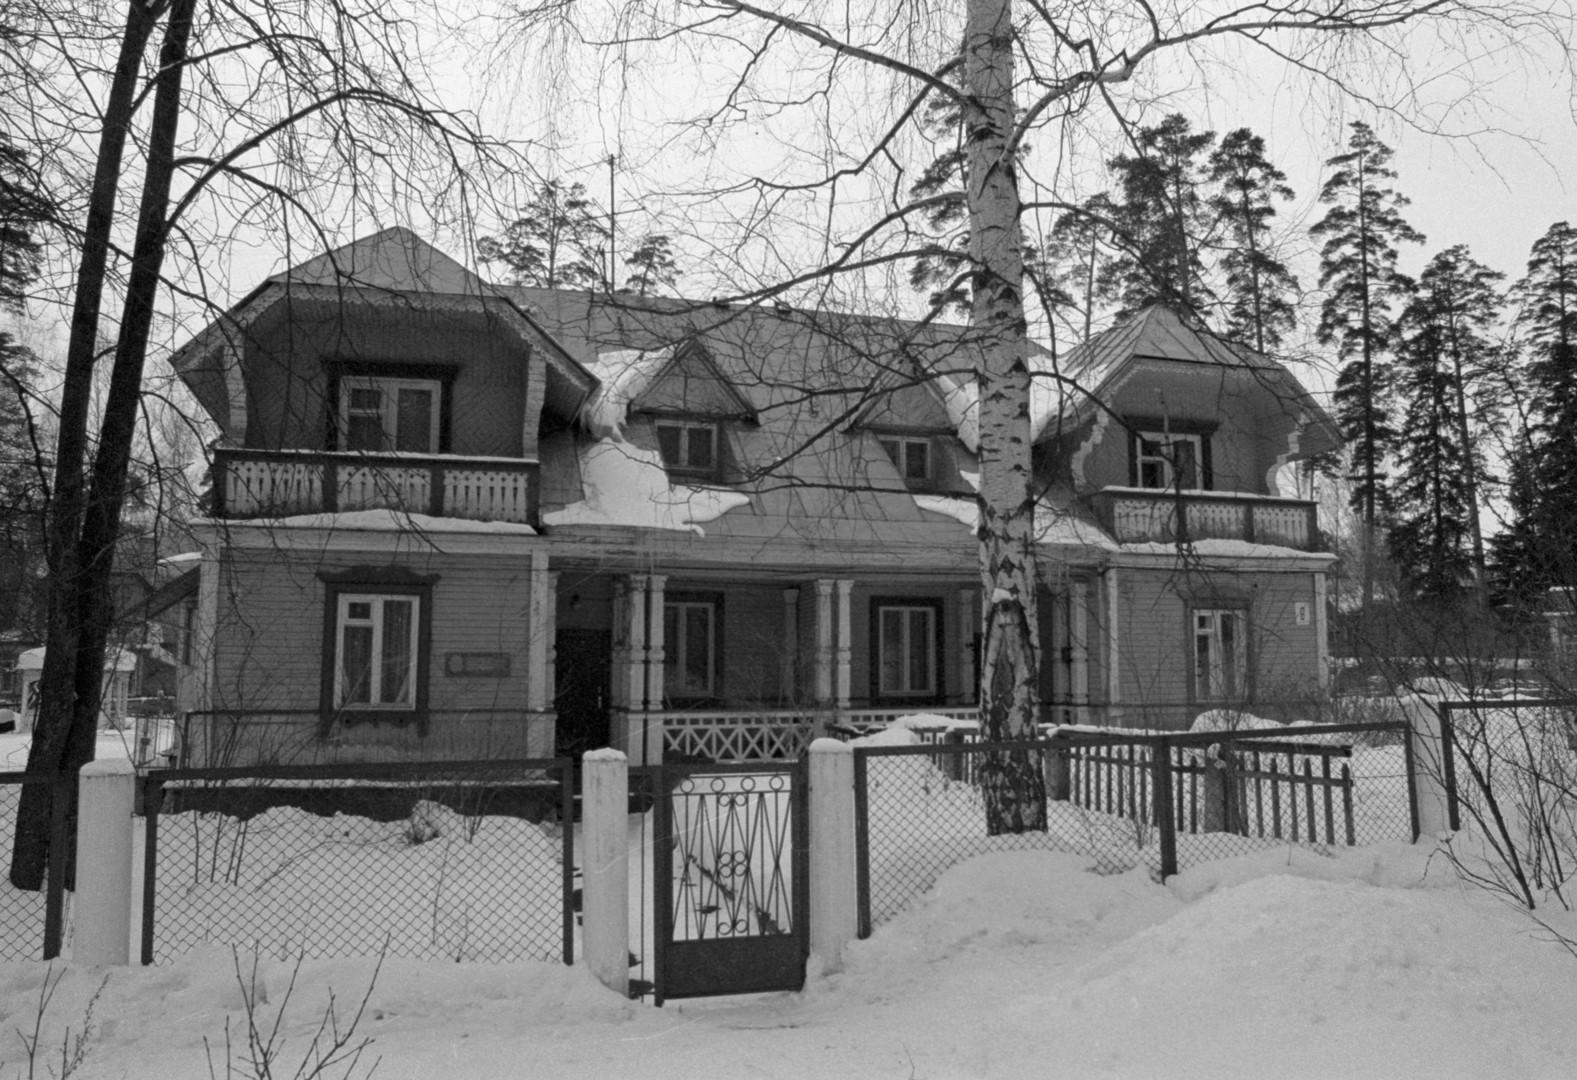 Kuća akademika Andreja Saharova koji je projektirao prvu sovjetsku atomsku bombu.